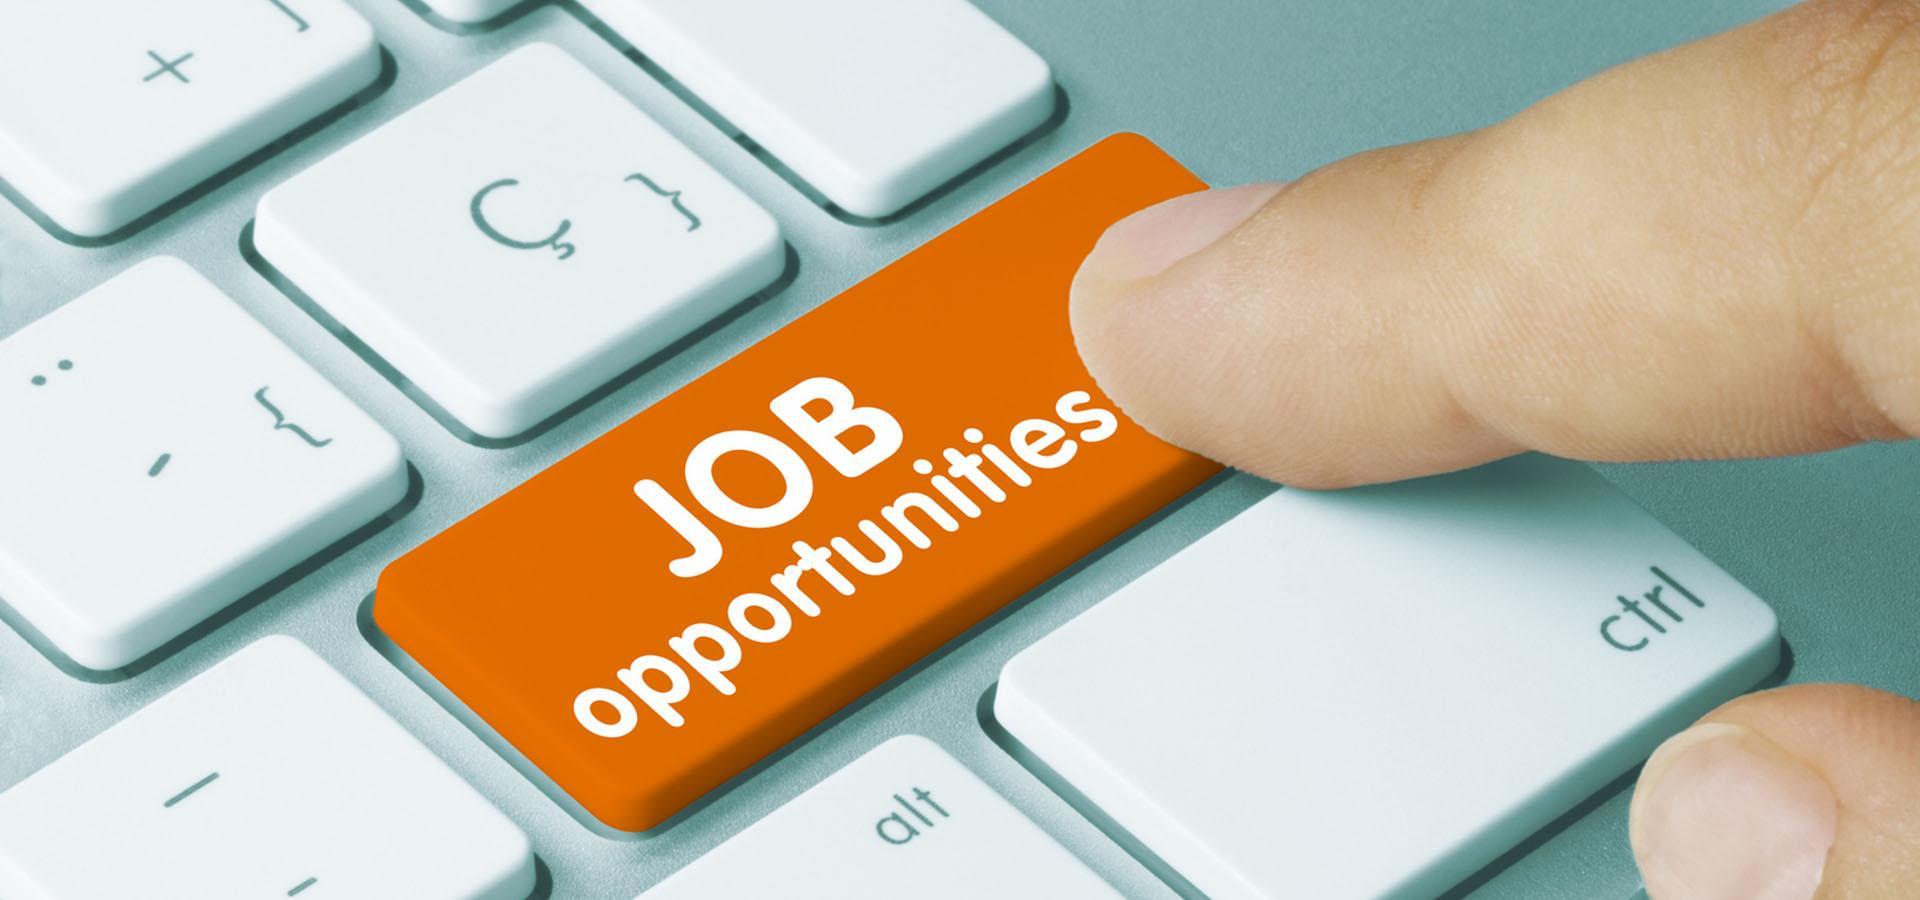 44 θέσεις εργασίας στον Ιδιωτικό Τομέα στην Κύπρο